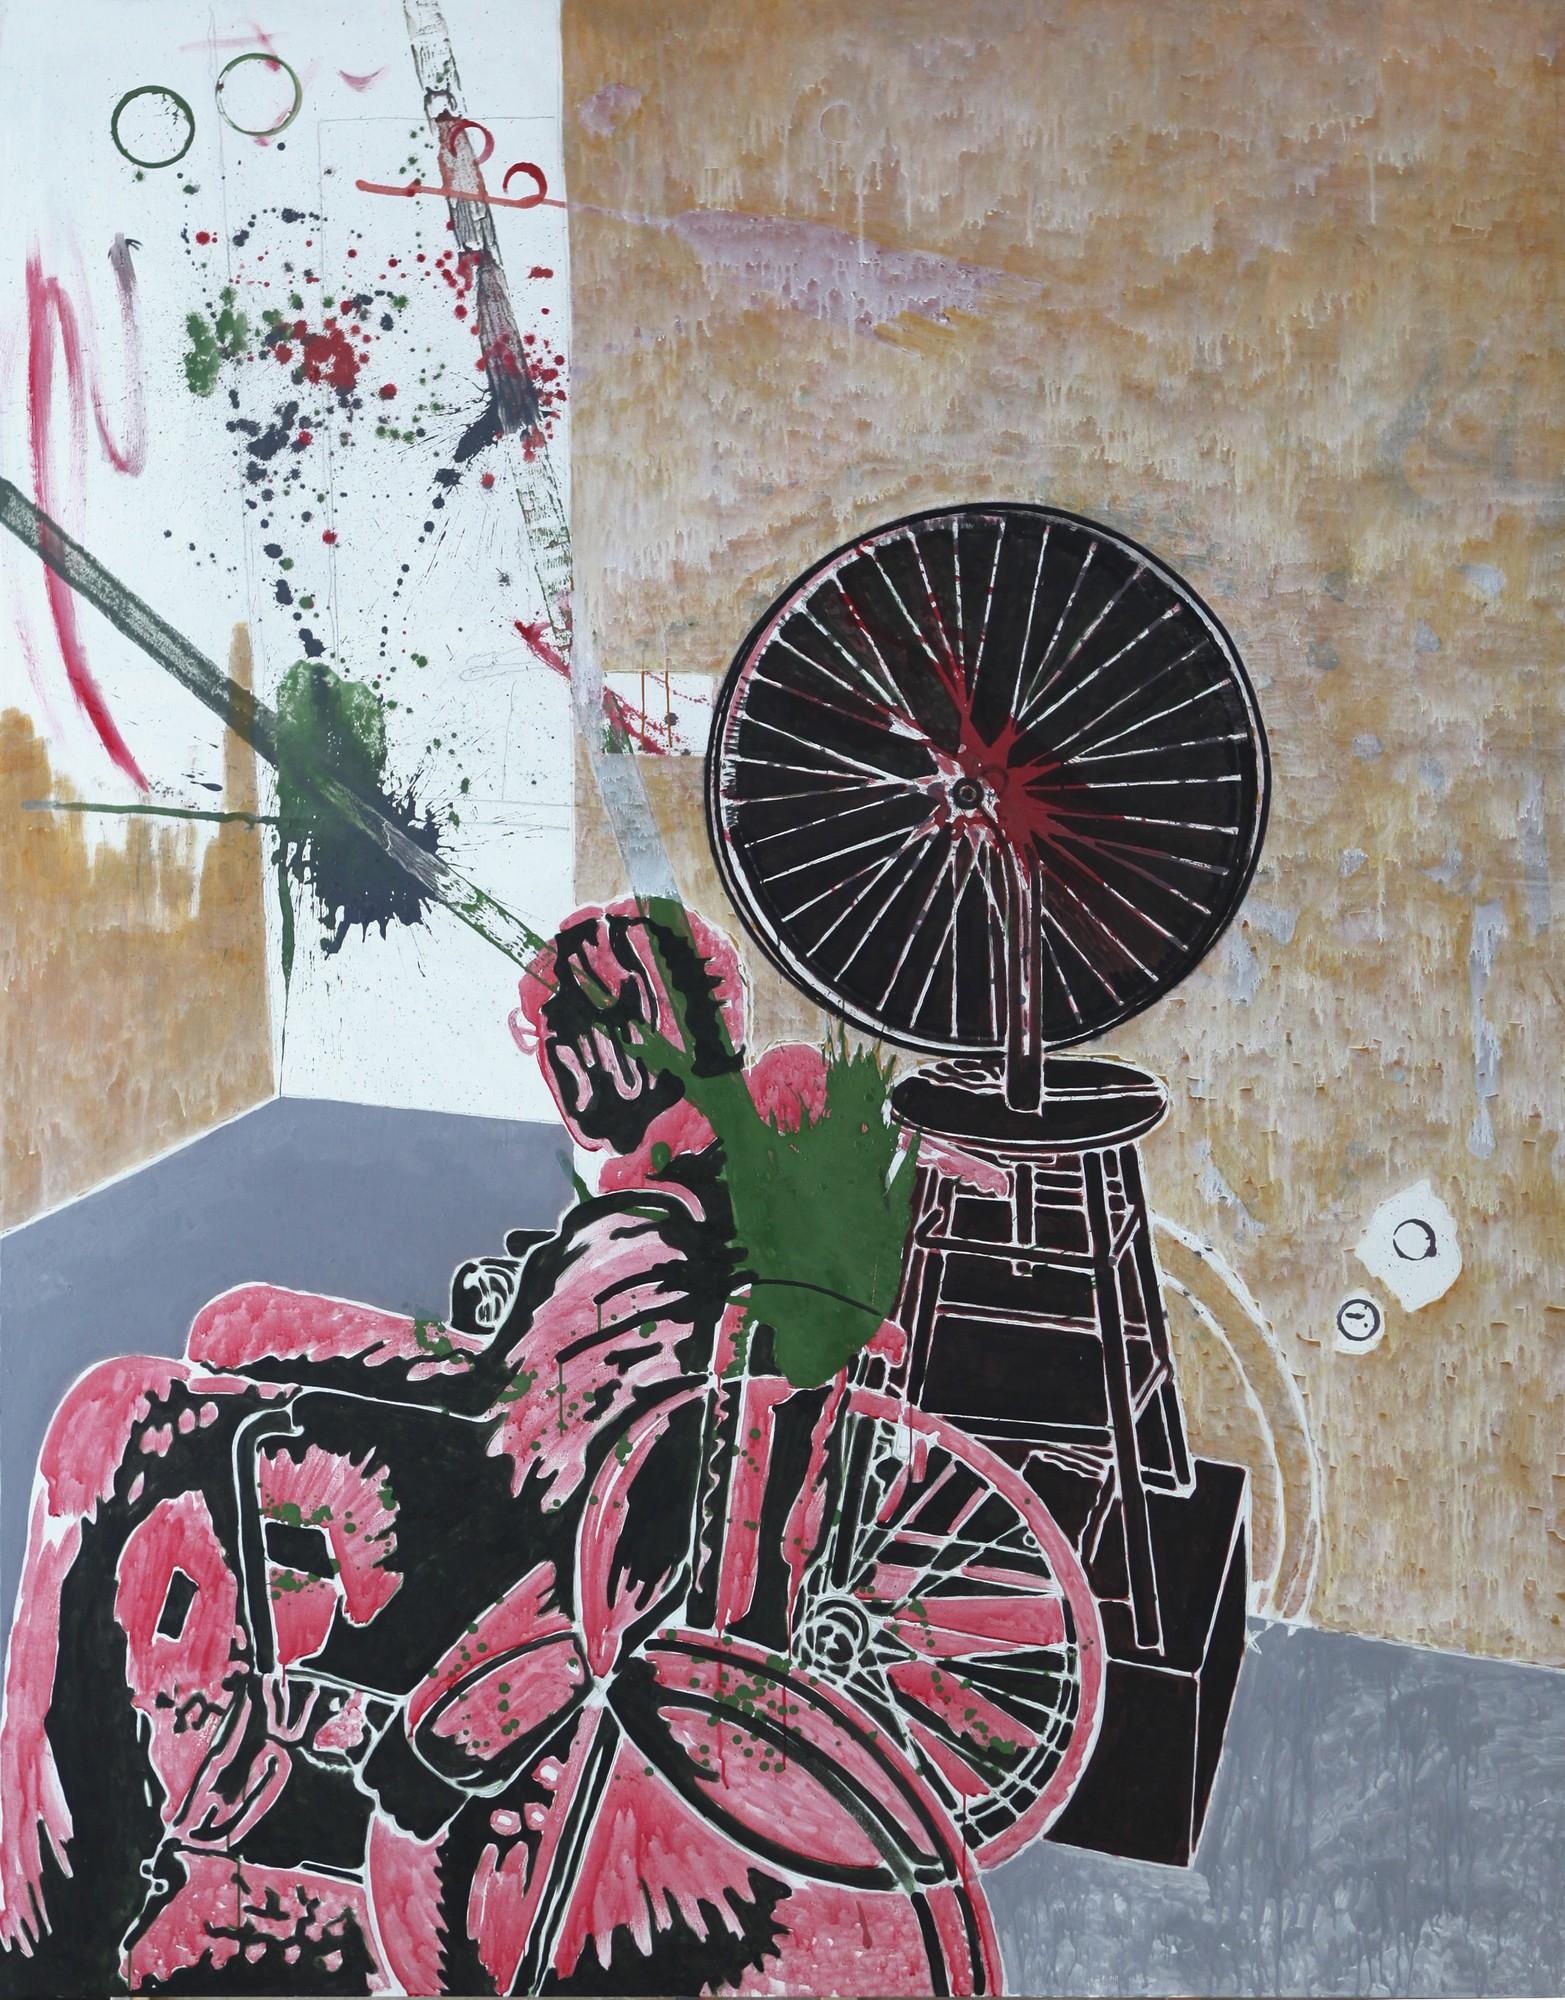 """Marek Sobczyk, """"Co? Marcel Duchamp; Czym? Duchem w muzeum (Koło rowerowe 1913–2013)"""", 2015, 230x180cm, tempera jajkowa / płótno (źródło: materiały prasowe organizatora)"""